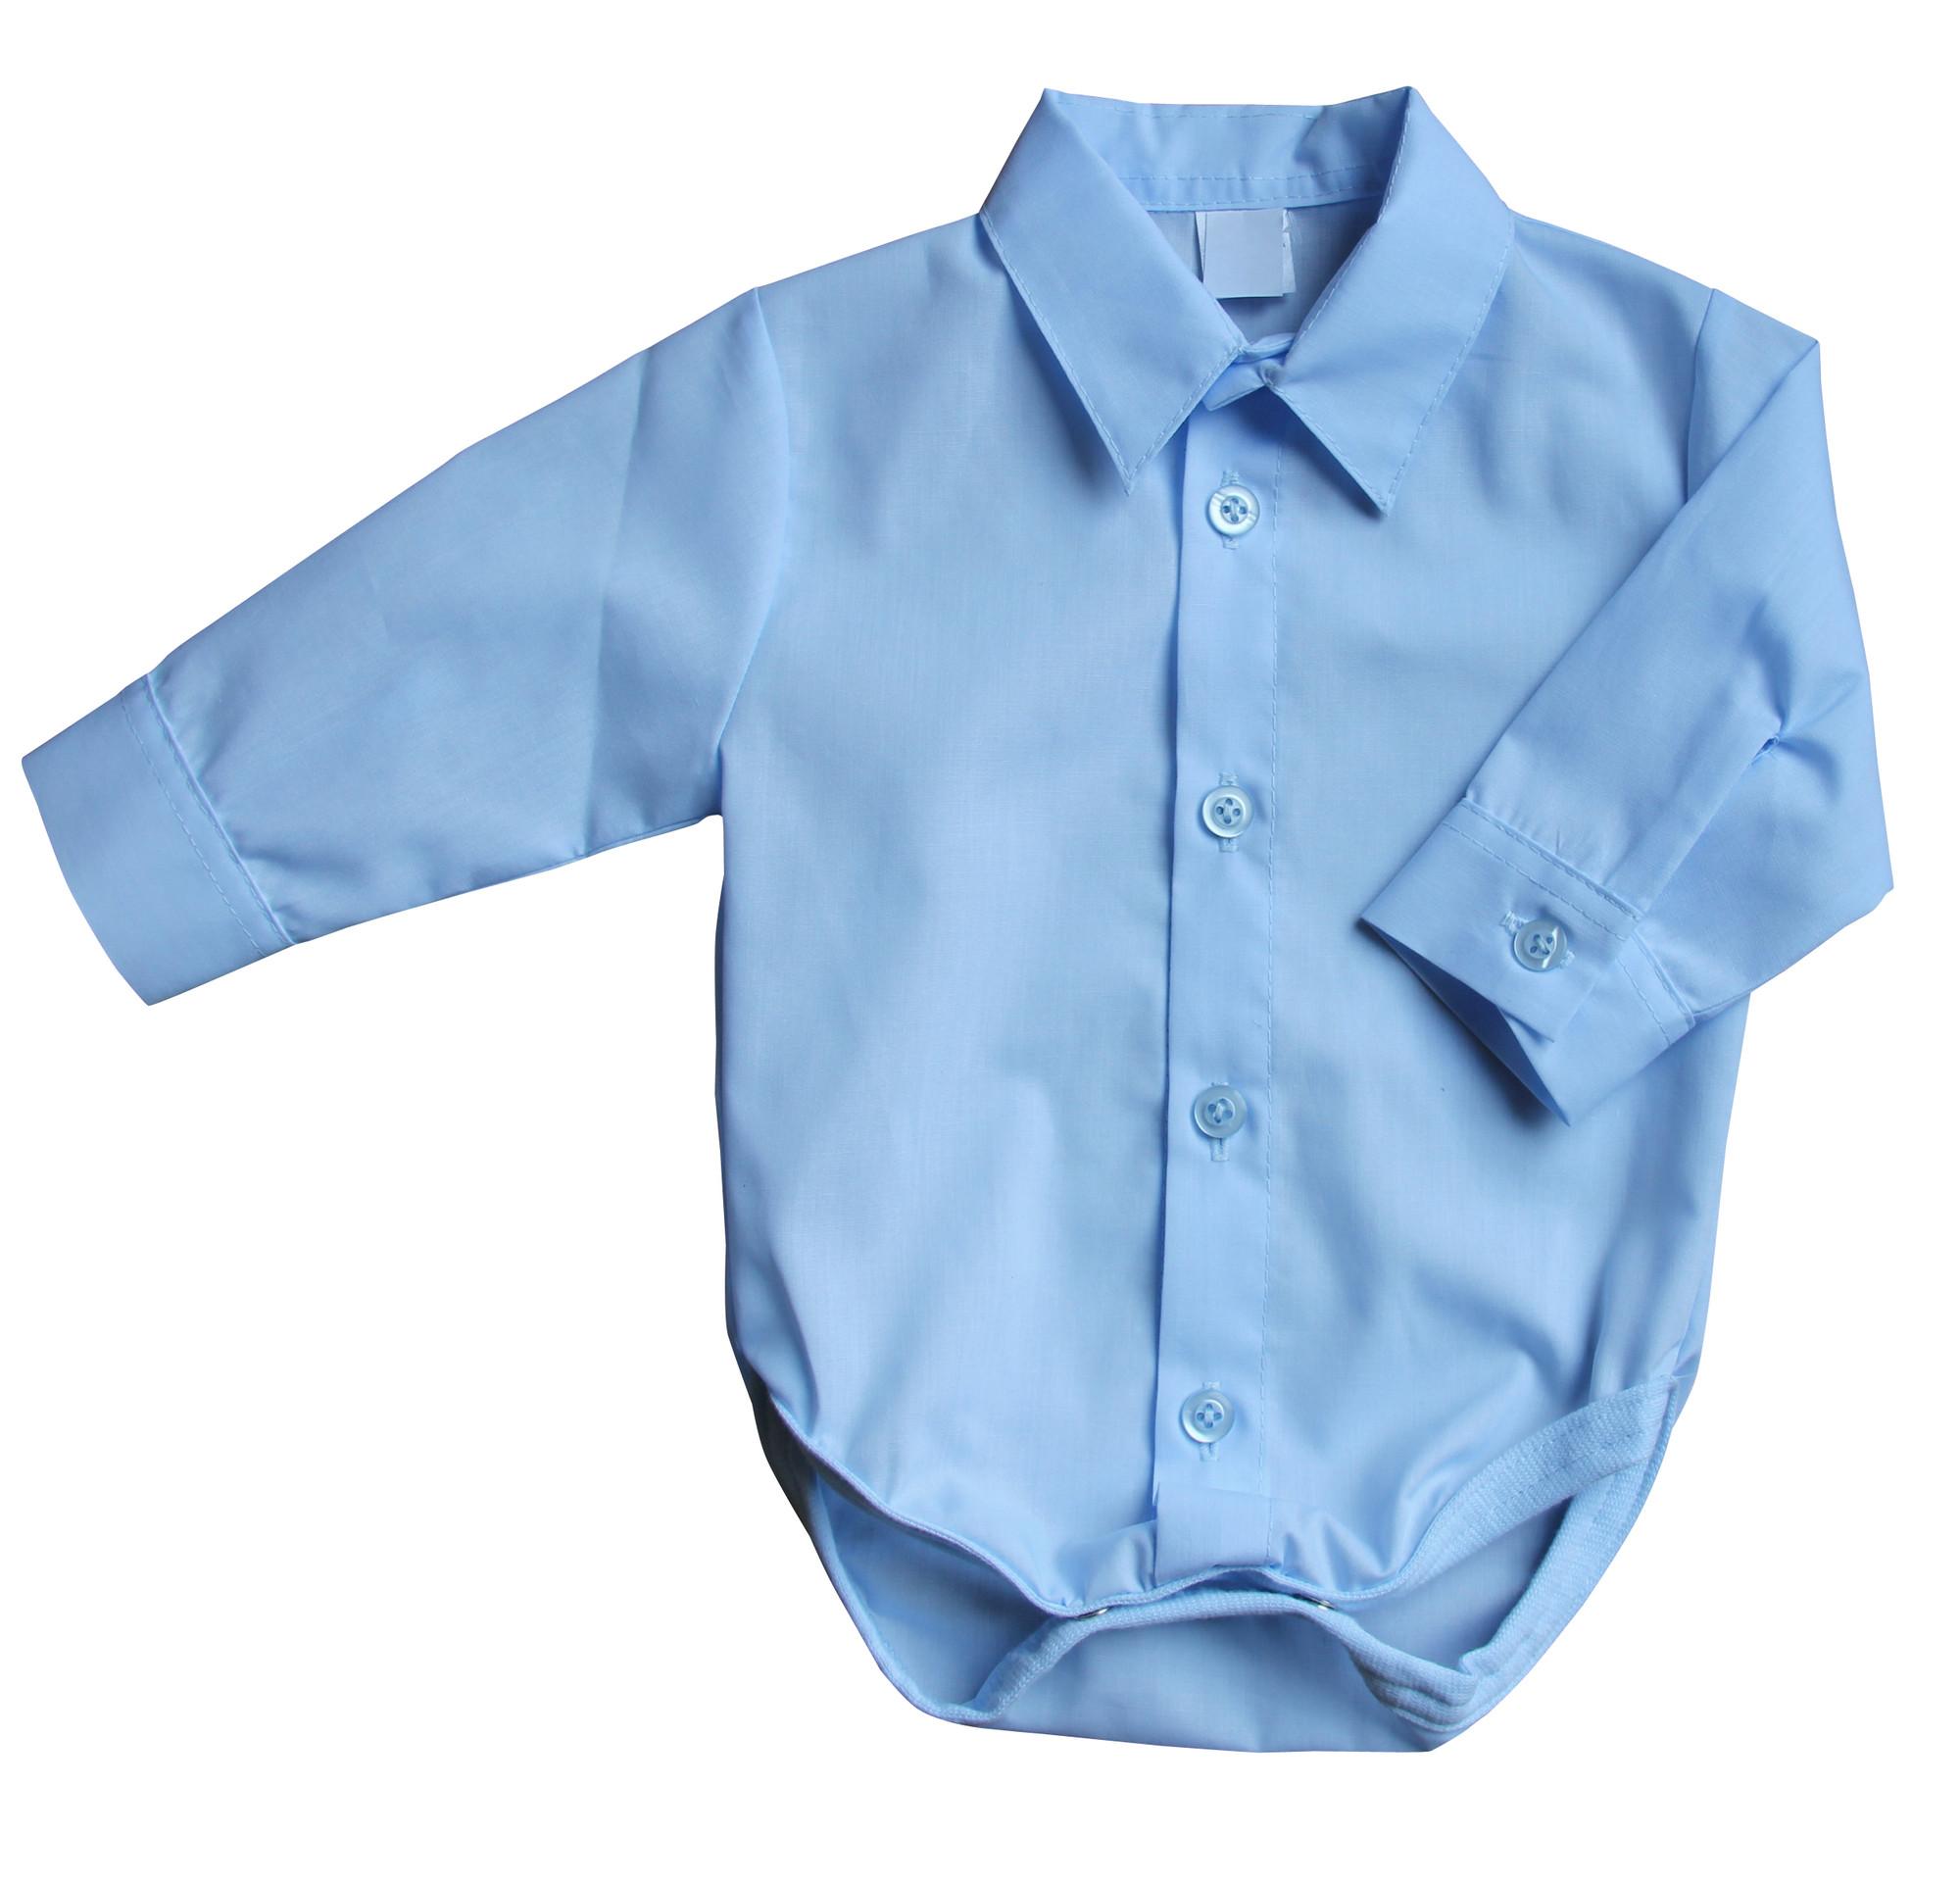 BIMARO Baby Hemd Body blau hellblau Jungen Taufbody Babybody langarm Kragen festlich Hochzeit Taufe Anlass 001